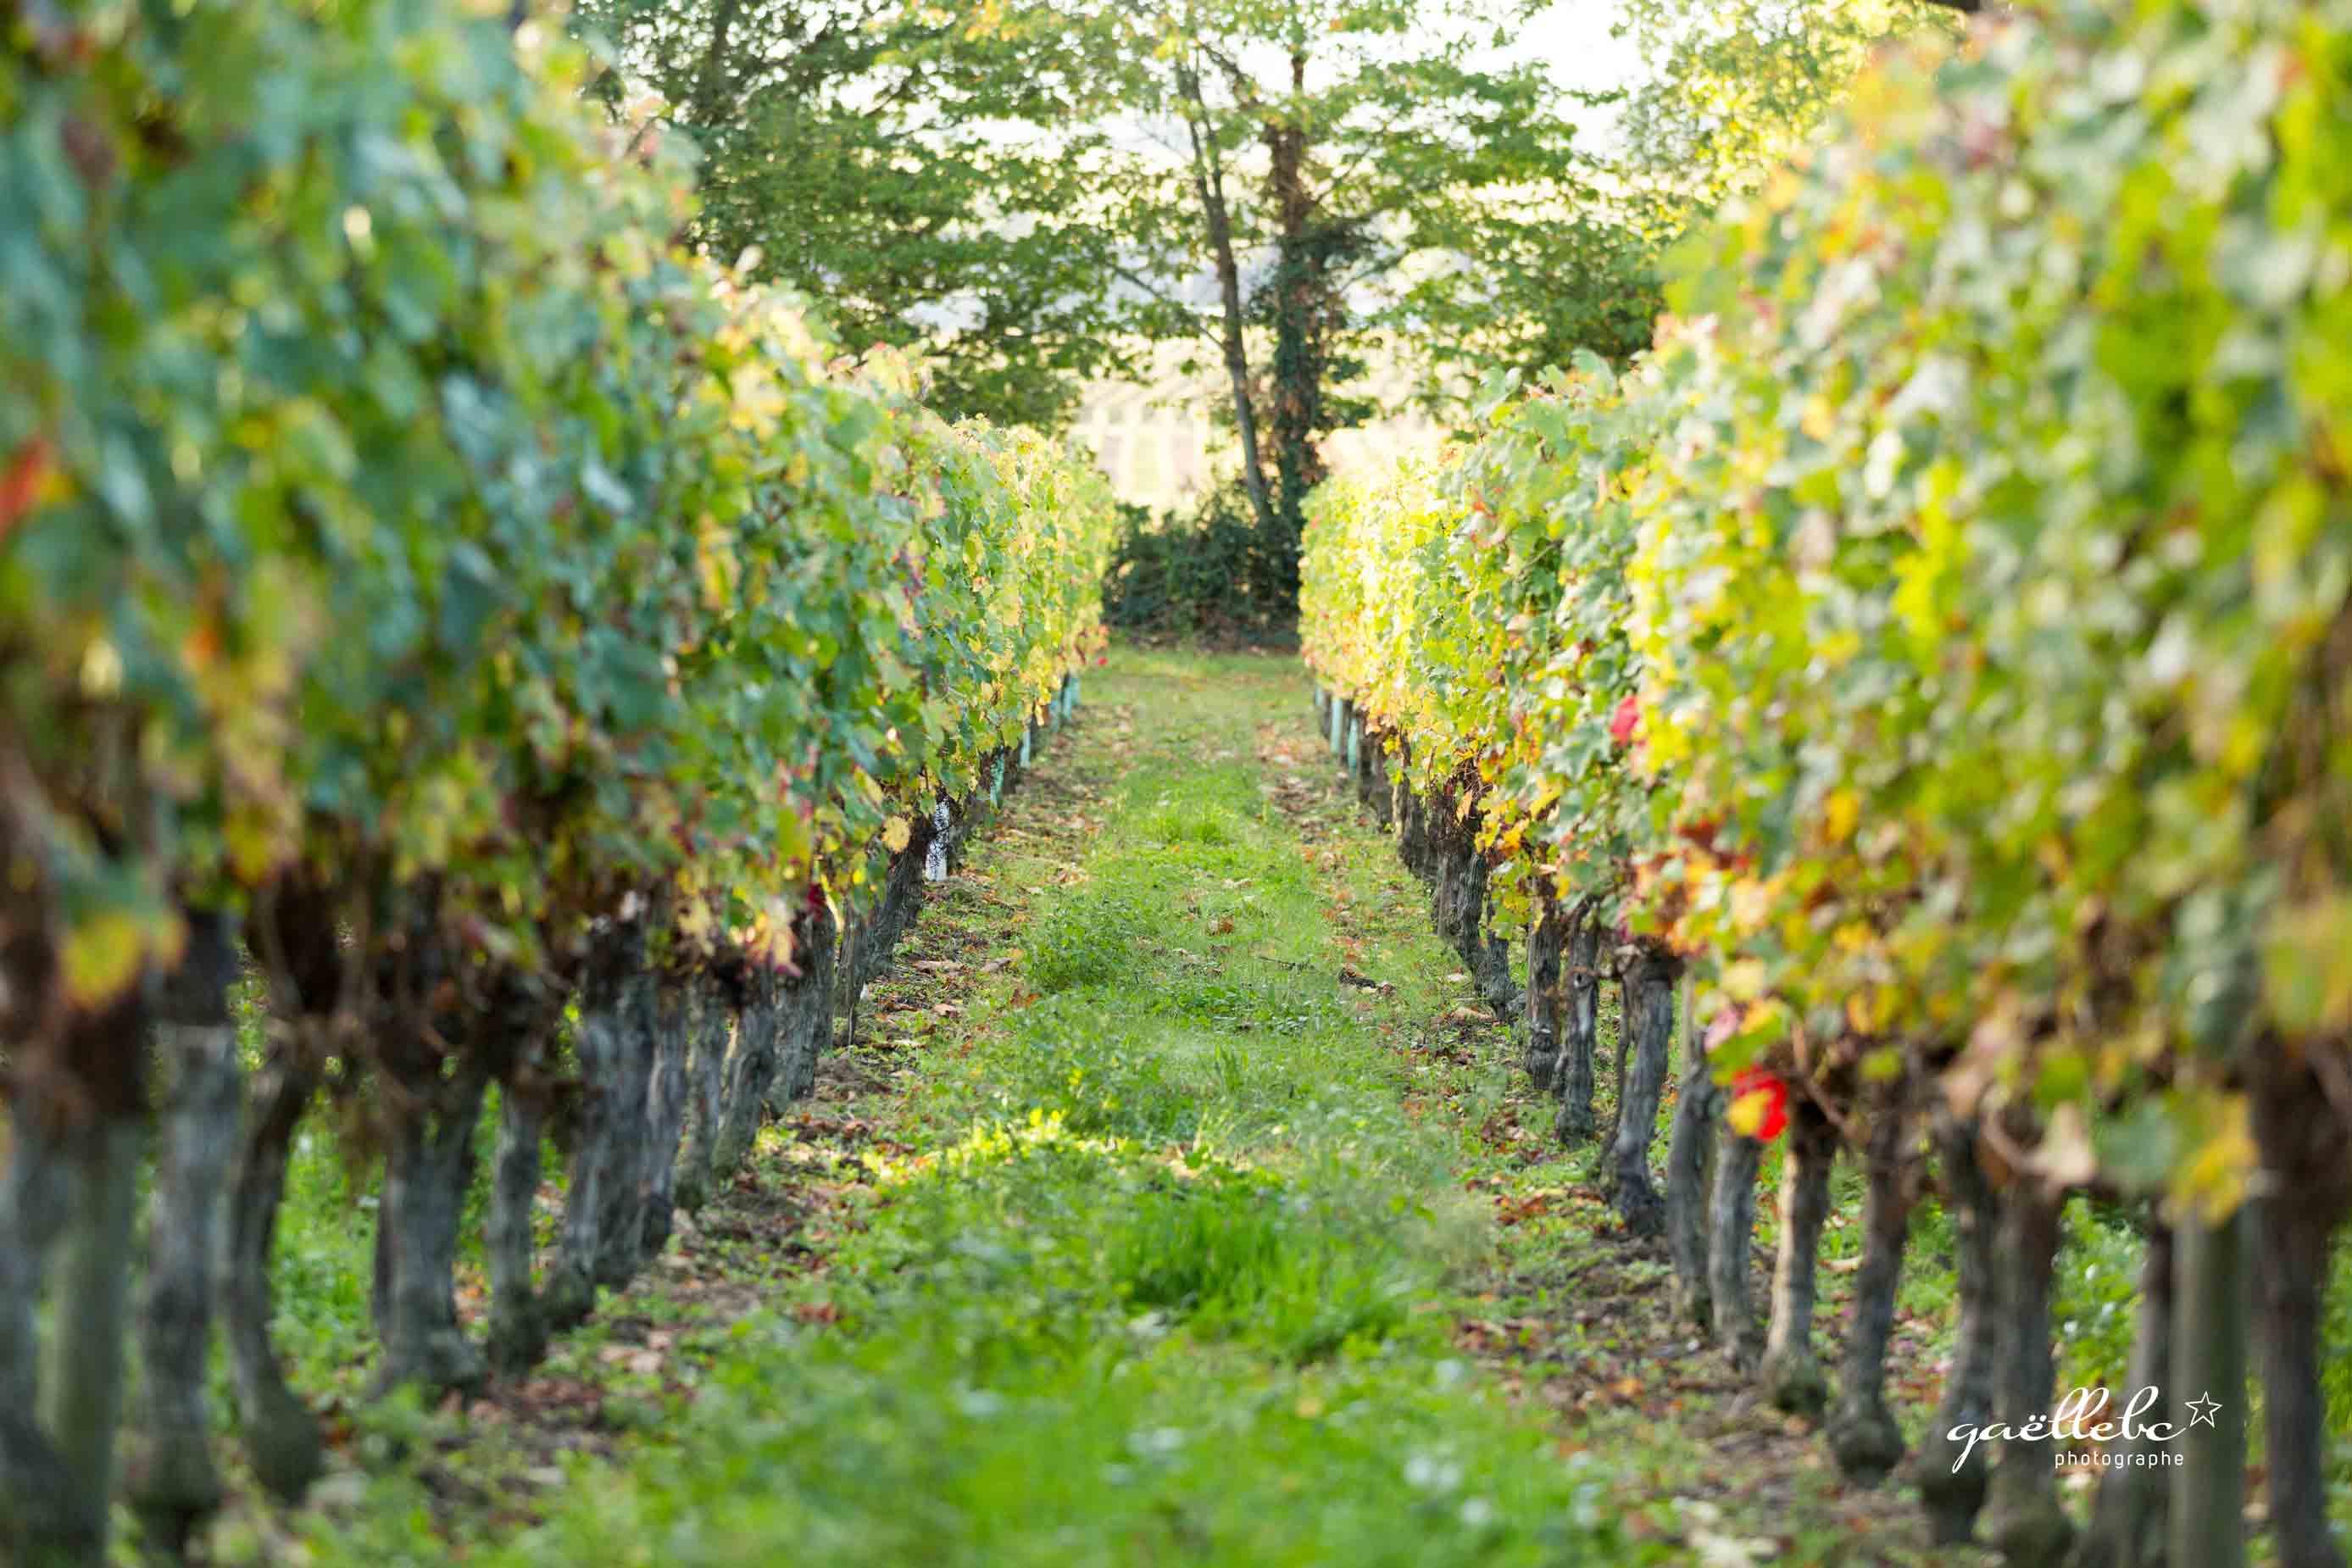 Seance-Photos-Azelie-entre-vignes-et-marche-©gaellebc-JPGweb-002